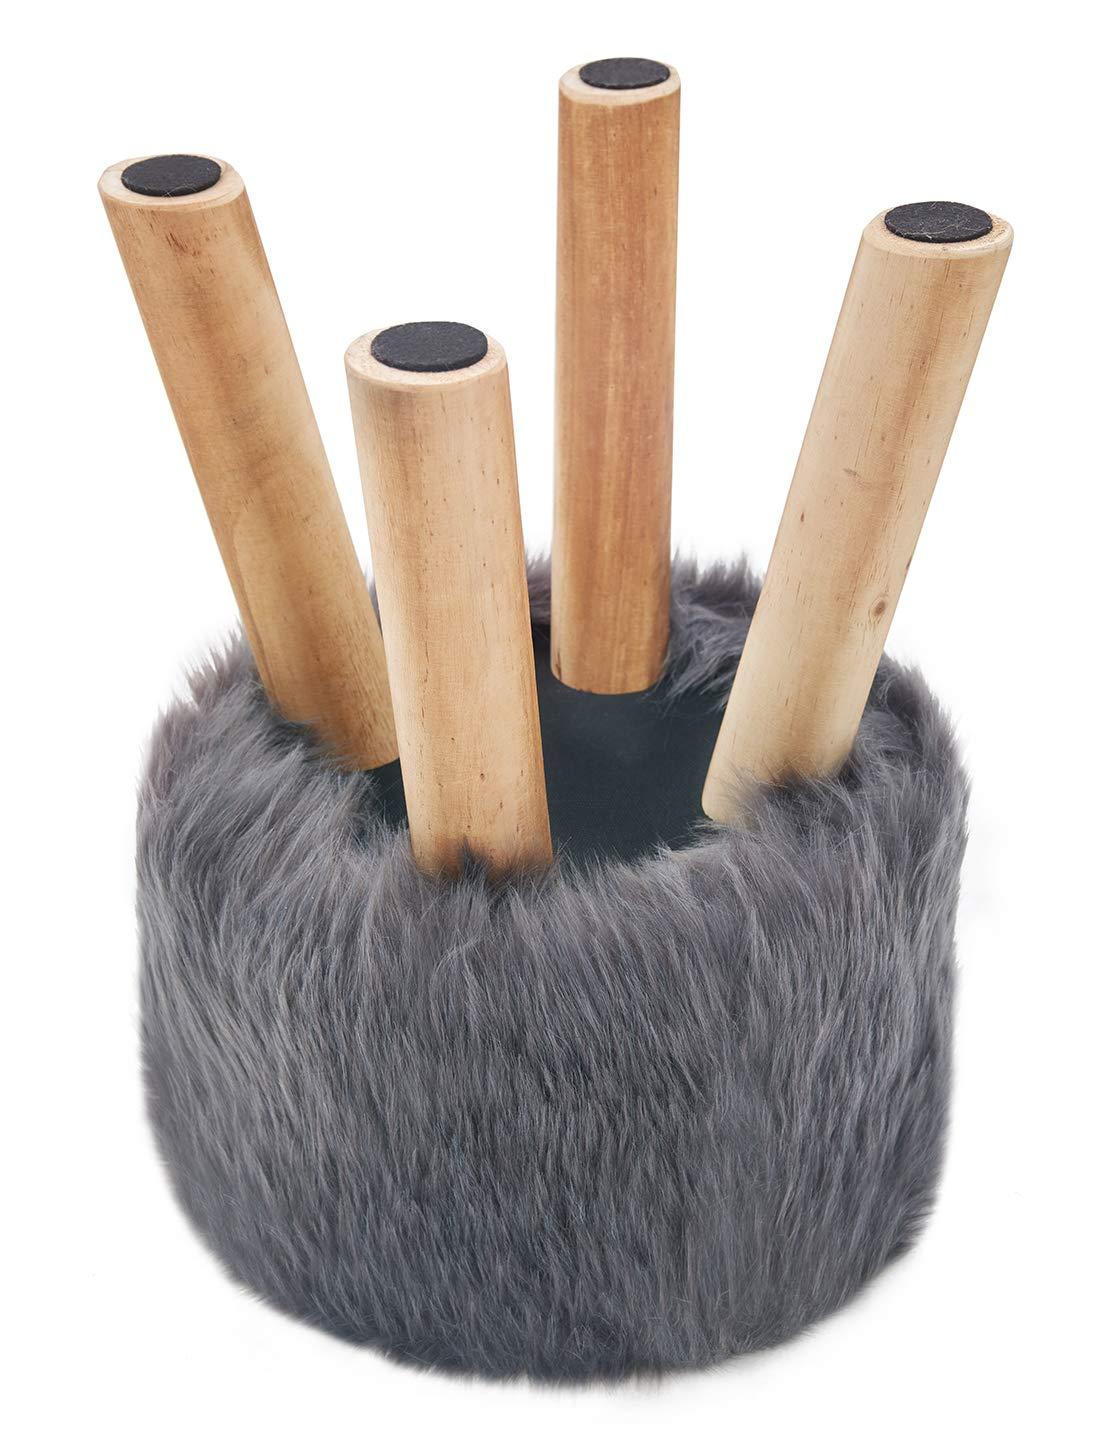 Suhu Fell Hocker Pouf Hocker Sitzhocker Sofa Puff Hocker Kleiner Fu/ßbank Rund aus Massivholz Brown